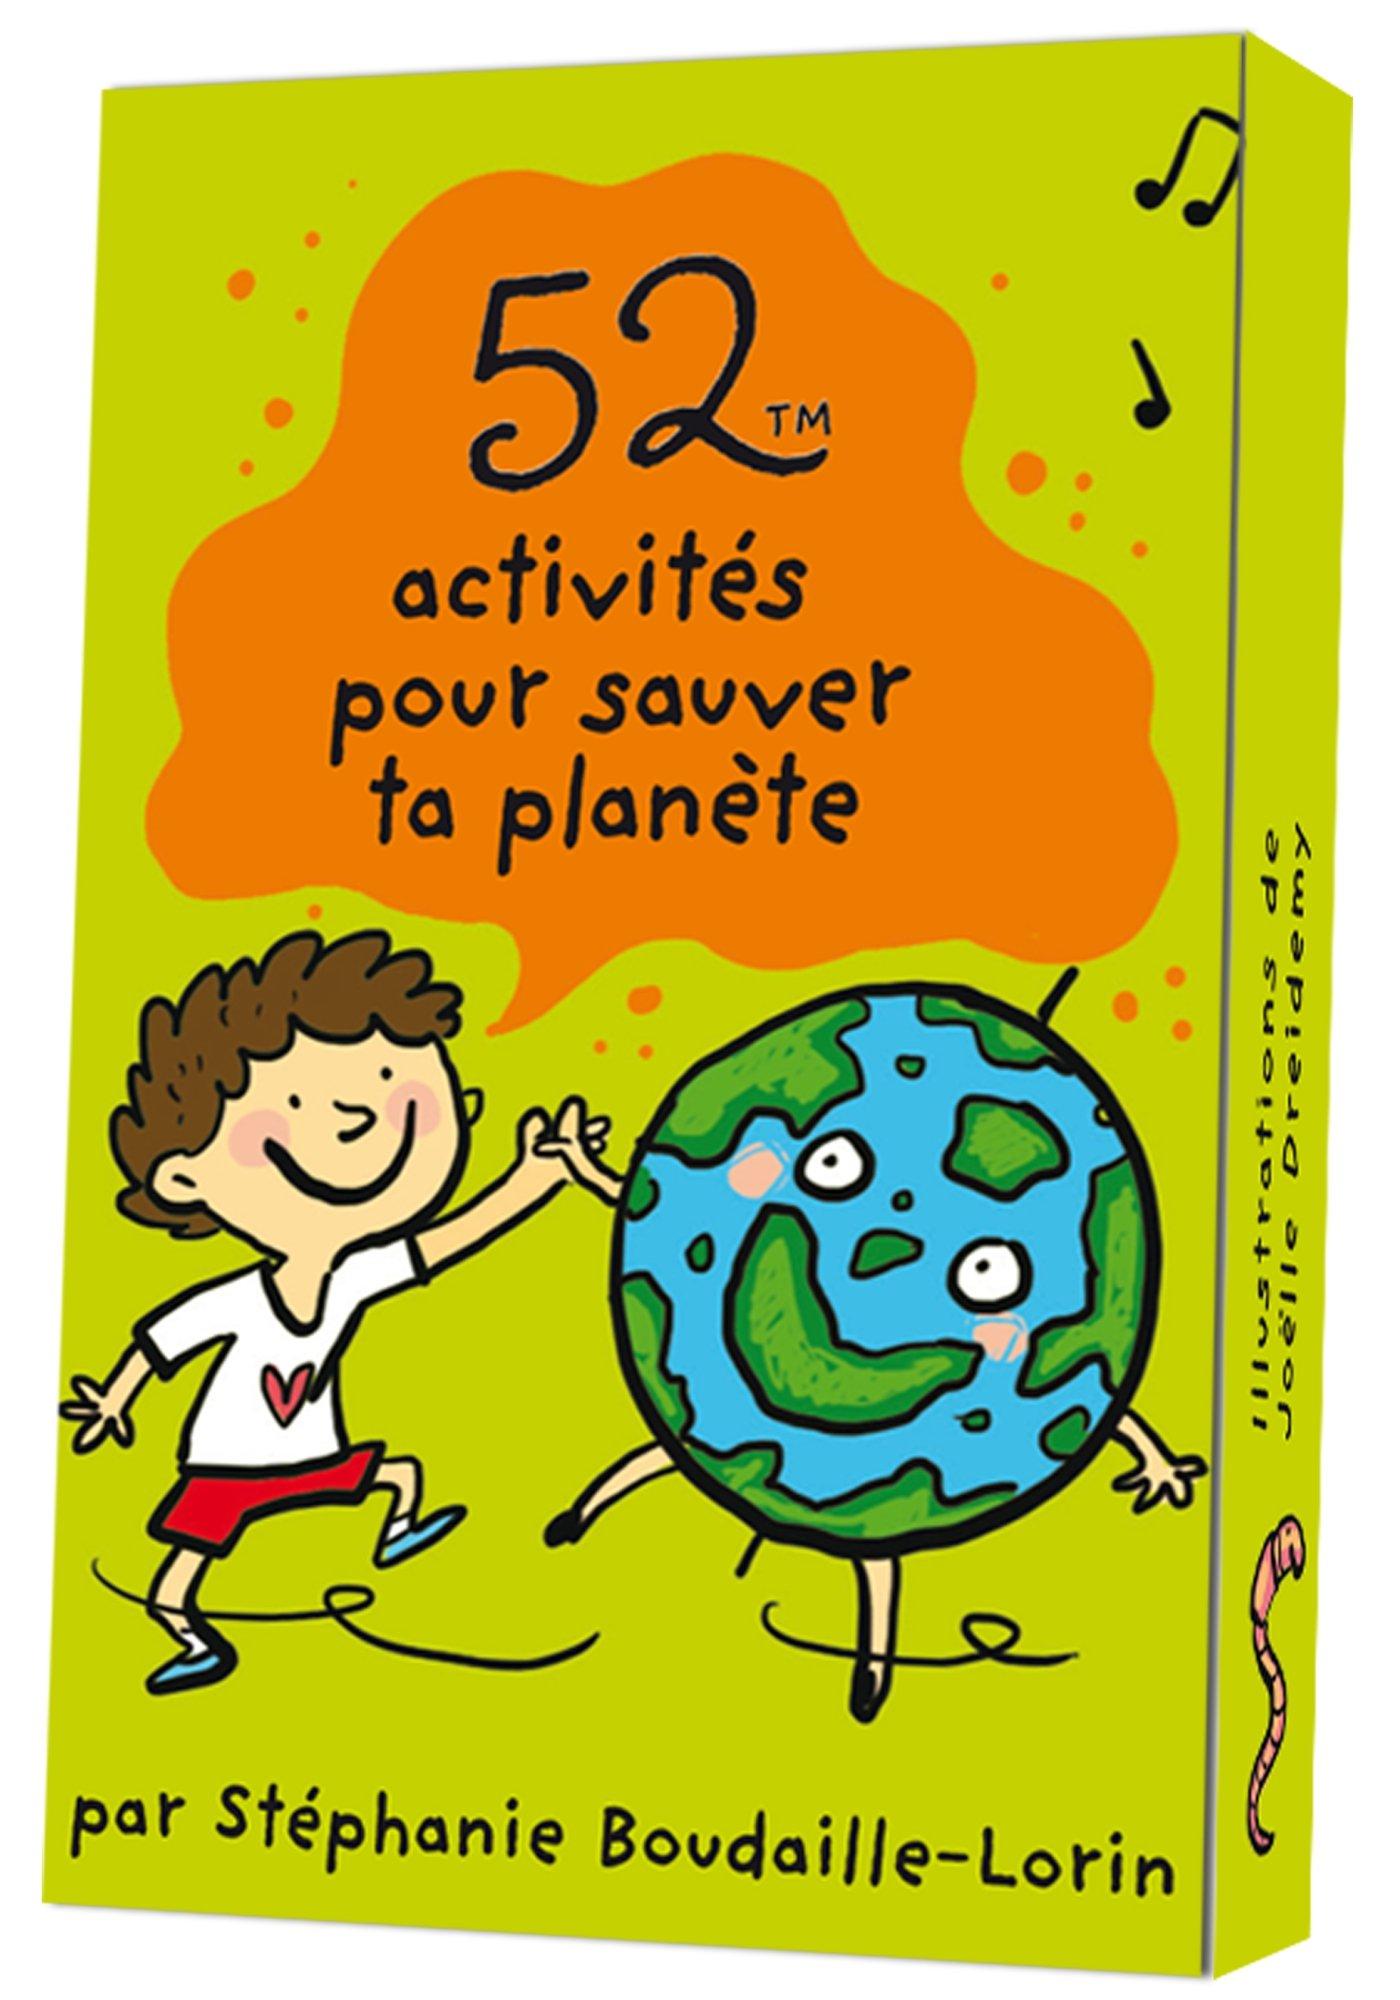 52 ACTIVITES POUR SAUVER TA PLANETE Poche – 2 avril 2014 Stéphanie Boudaille-Lorin Joëlle Dreidemy Editions 365 2351555597